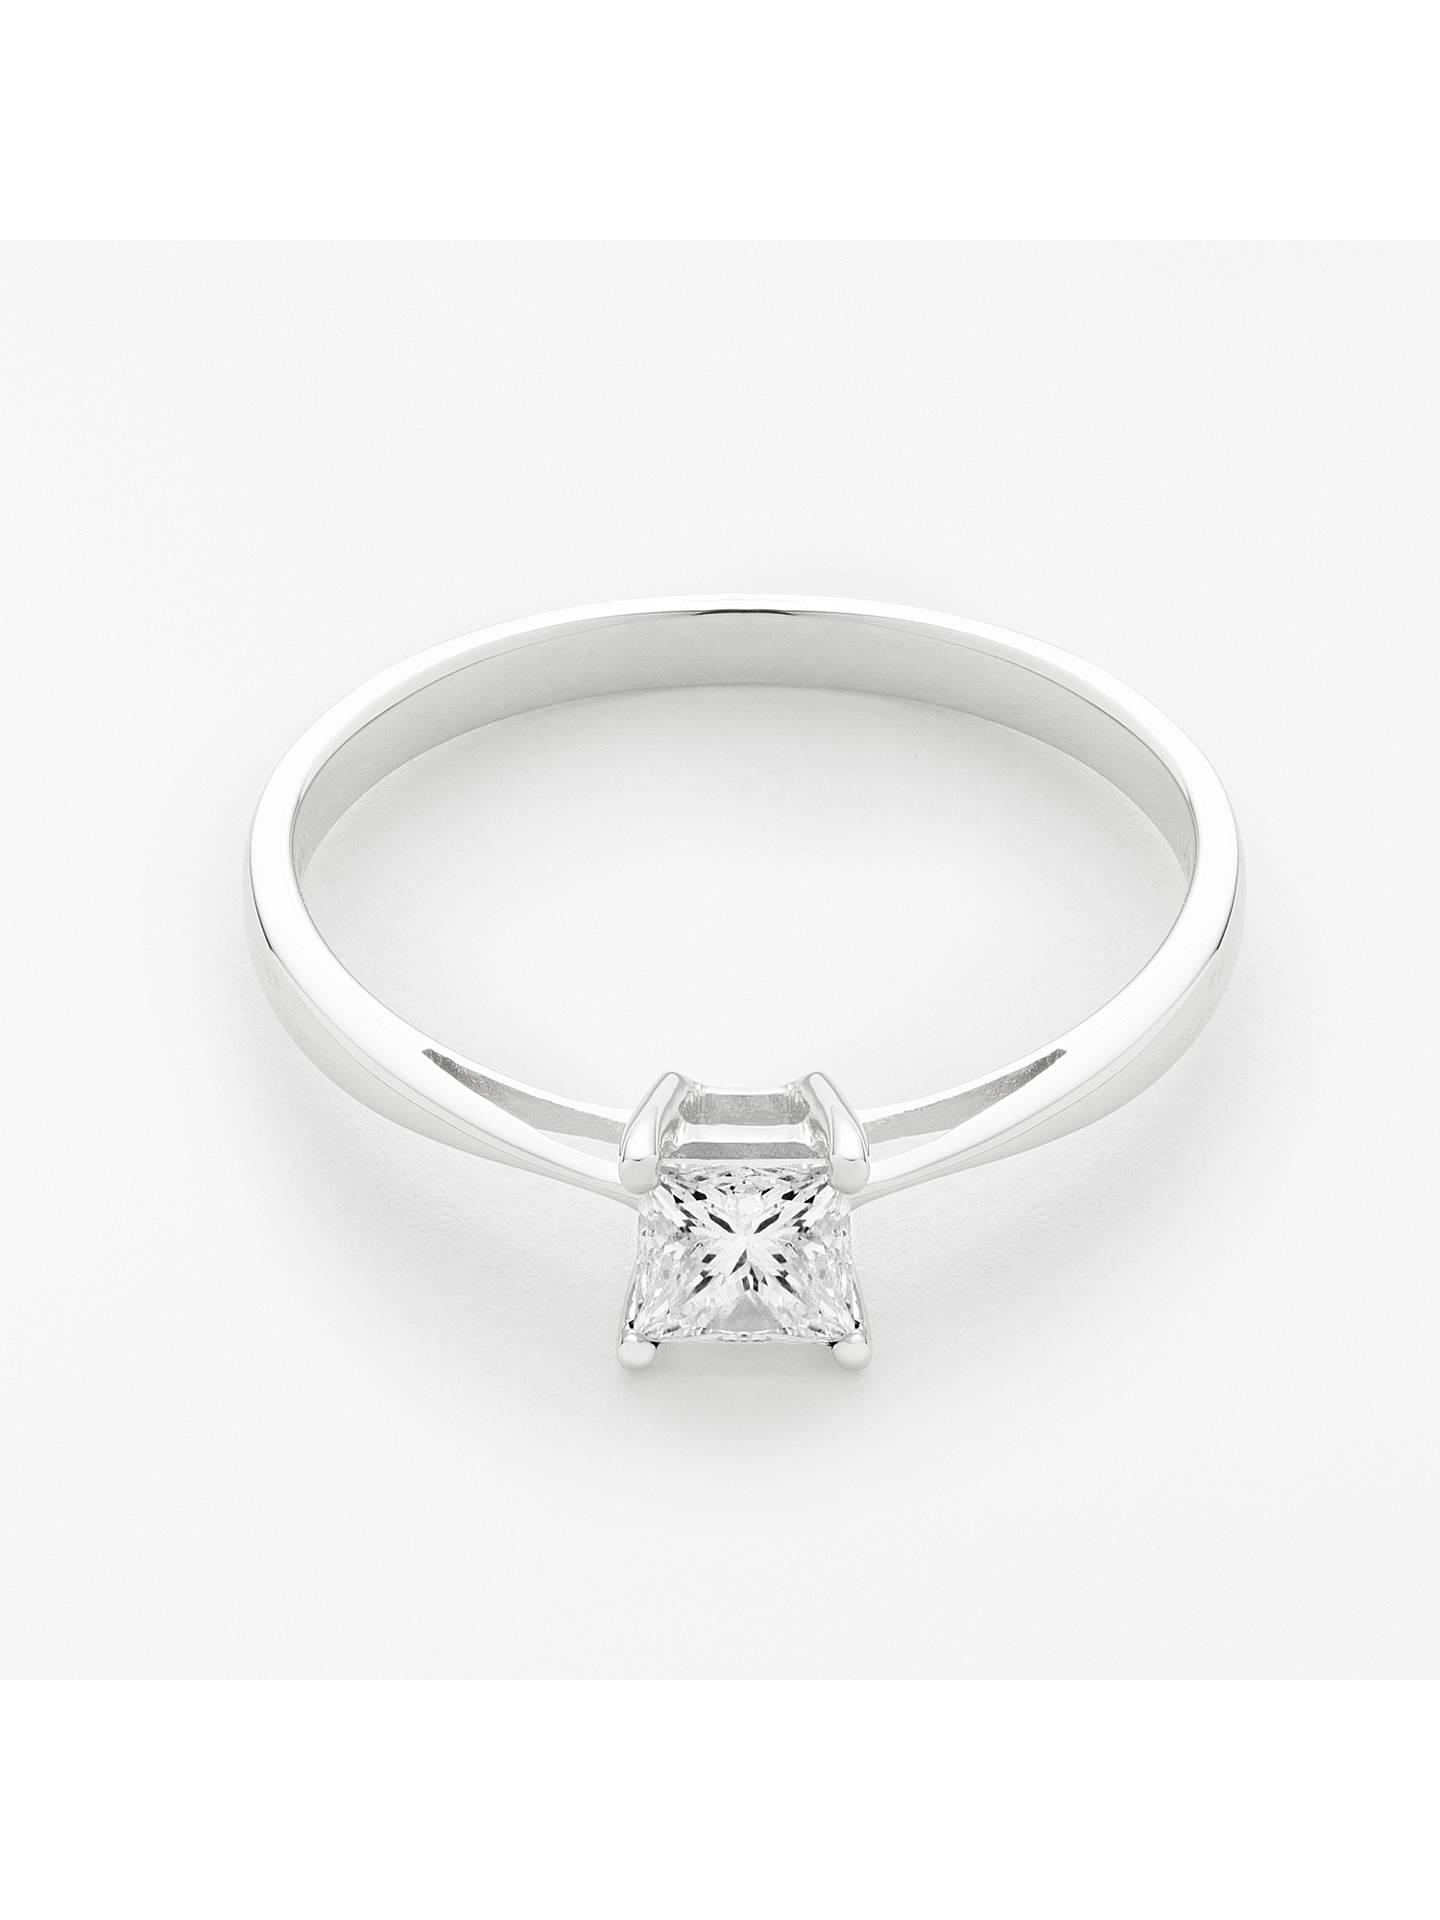 Mogul 18ct White Gold Princess Cut Diamond Engagement Ring 0 5ct